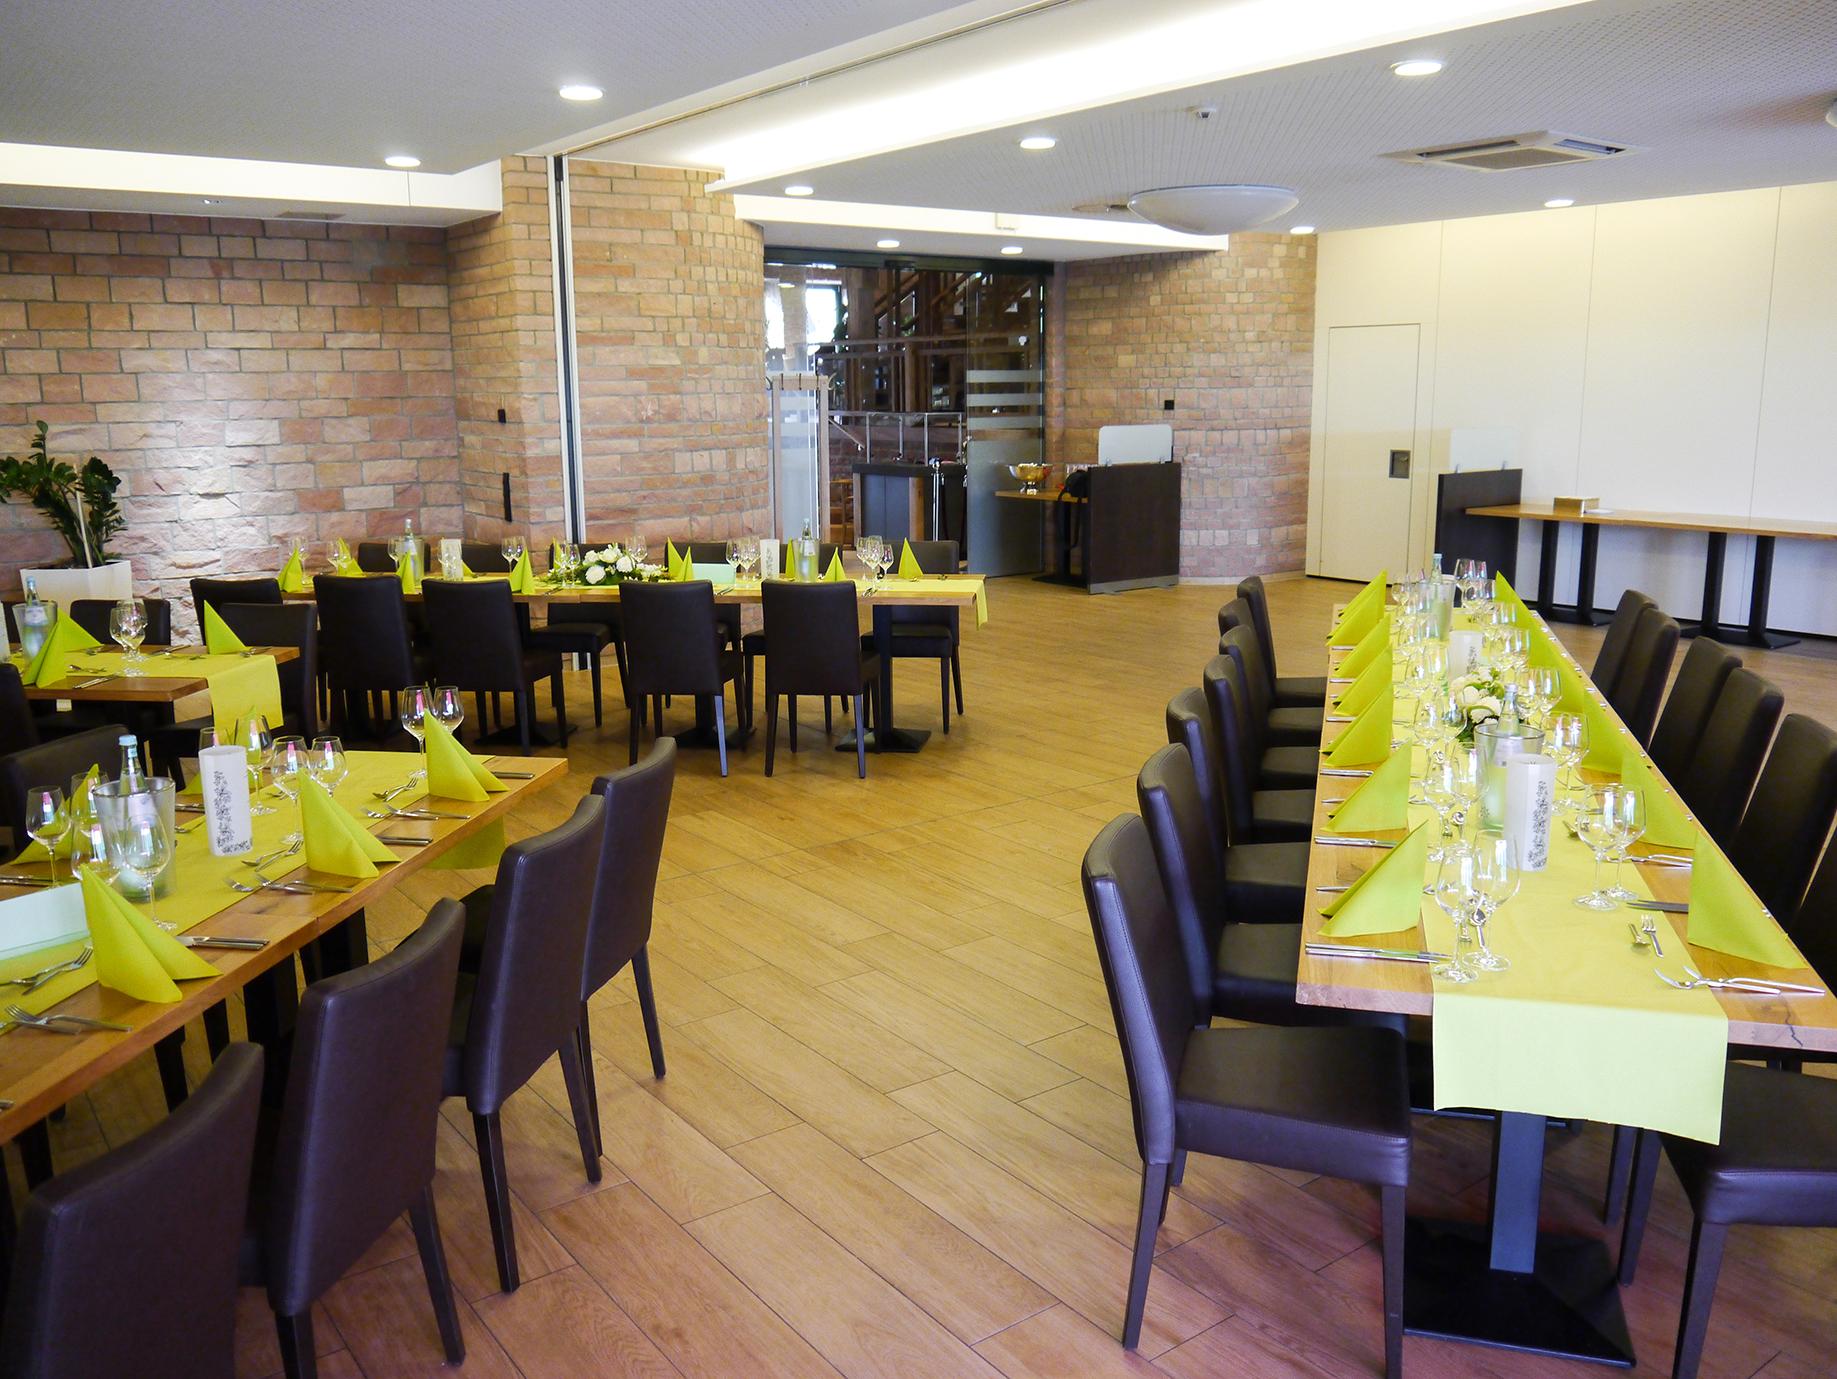 Wintergarten Tischreihen Weingläser grüne Dekoration